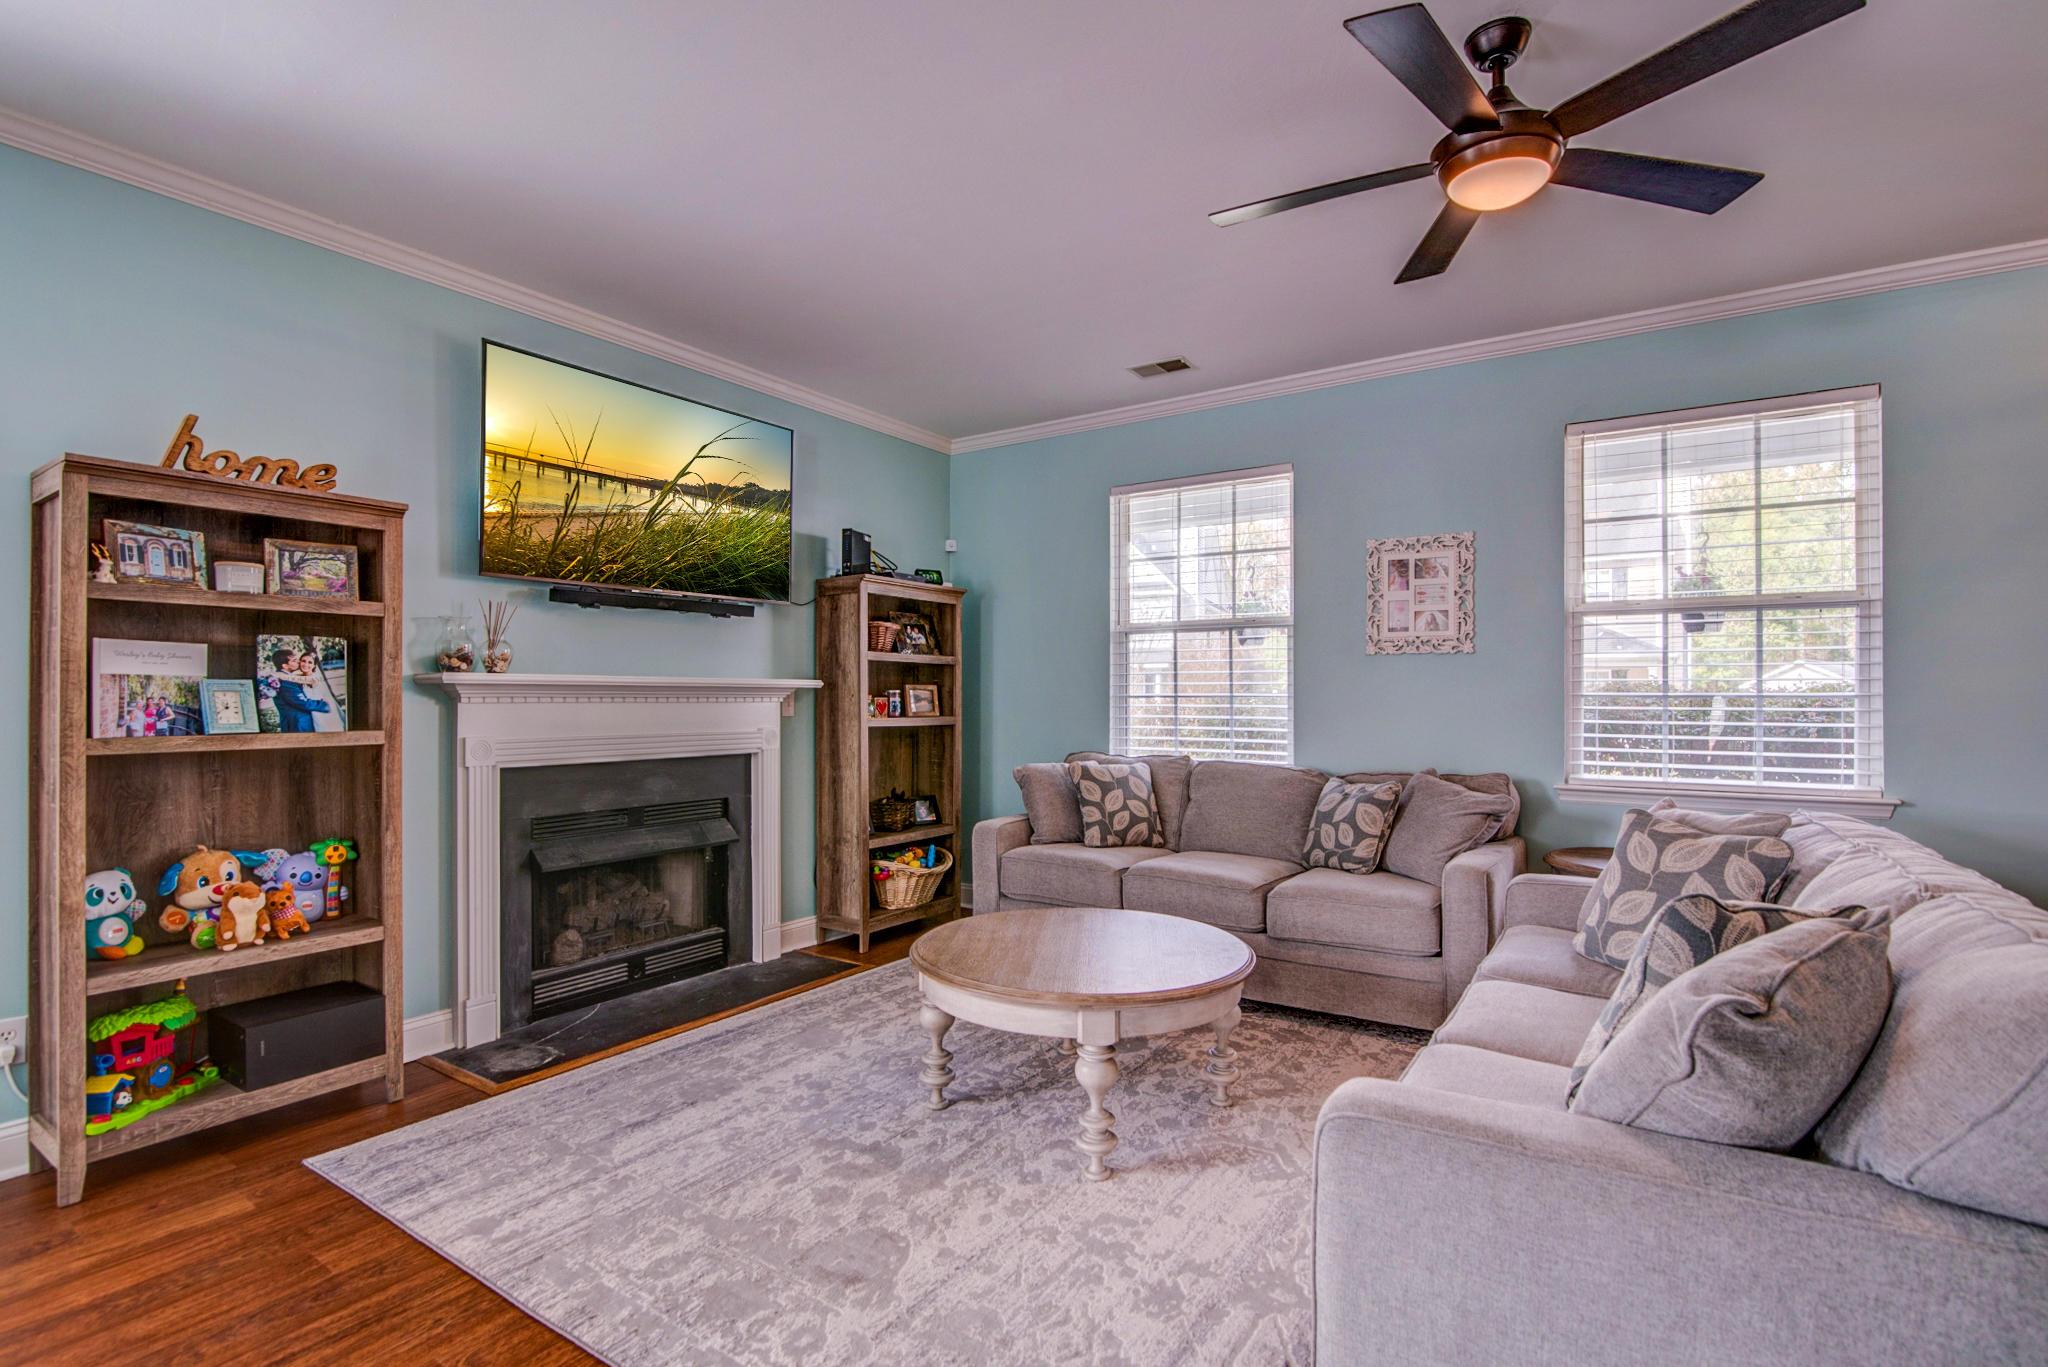 Jamestowne Village Homes For Sale - 1480 Swamp Fox, Charleston, SC - 0